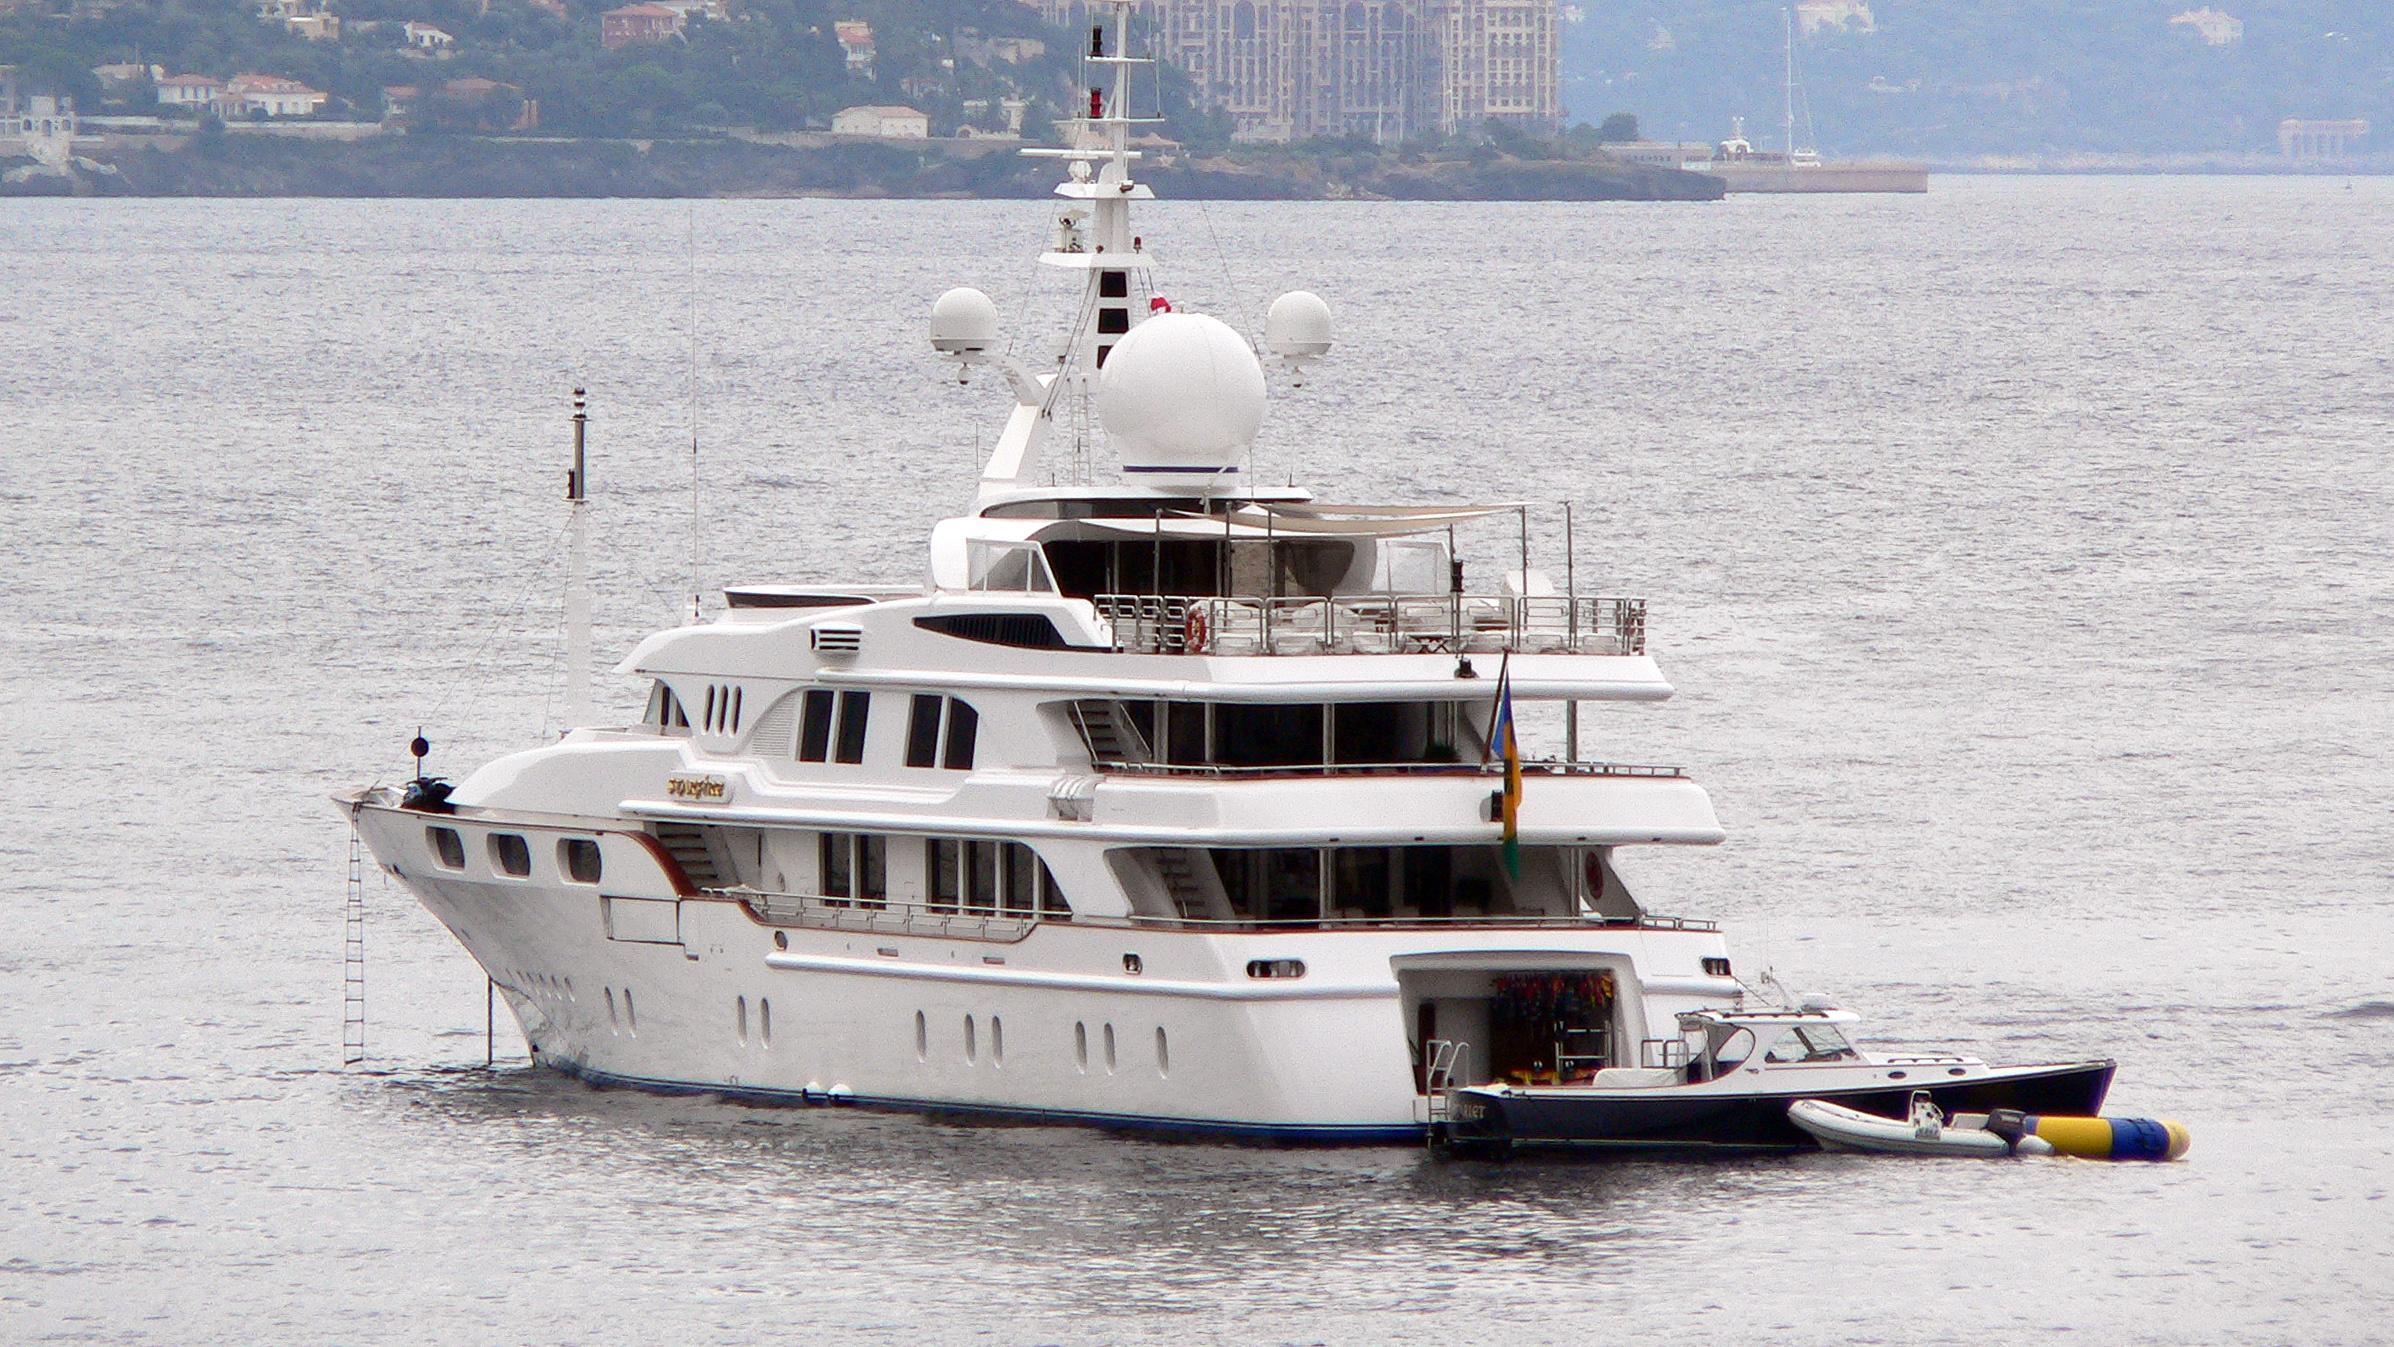 starfire-motor-yacht-benetti-1998-54m-stern